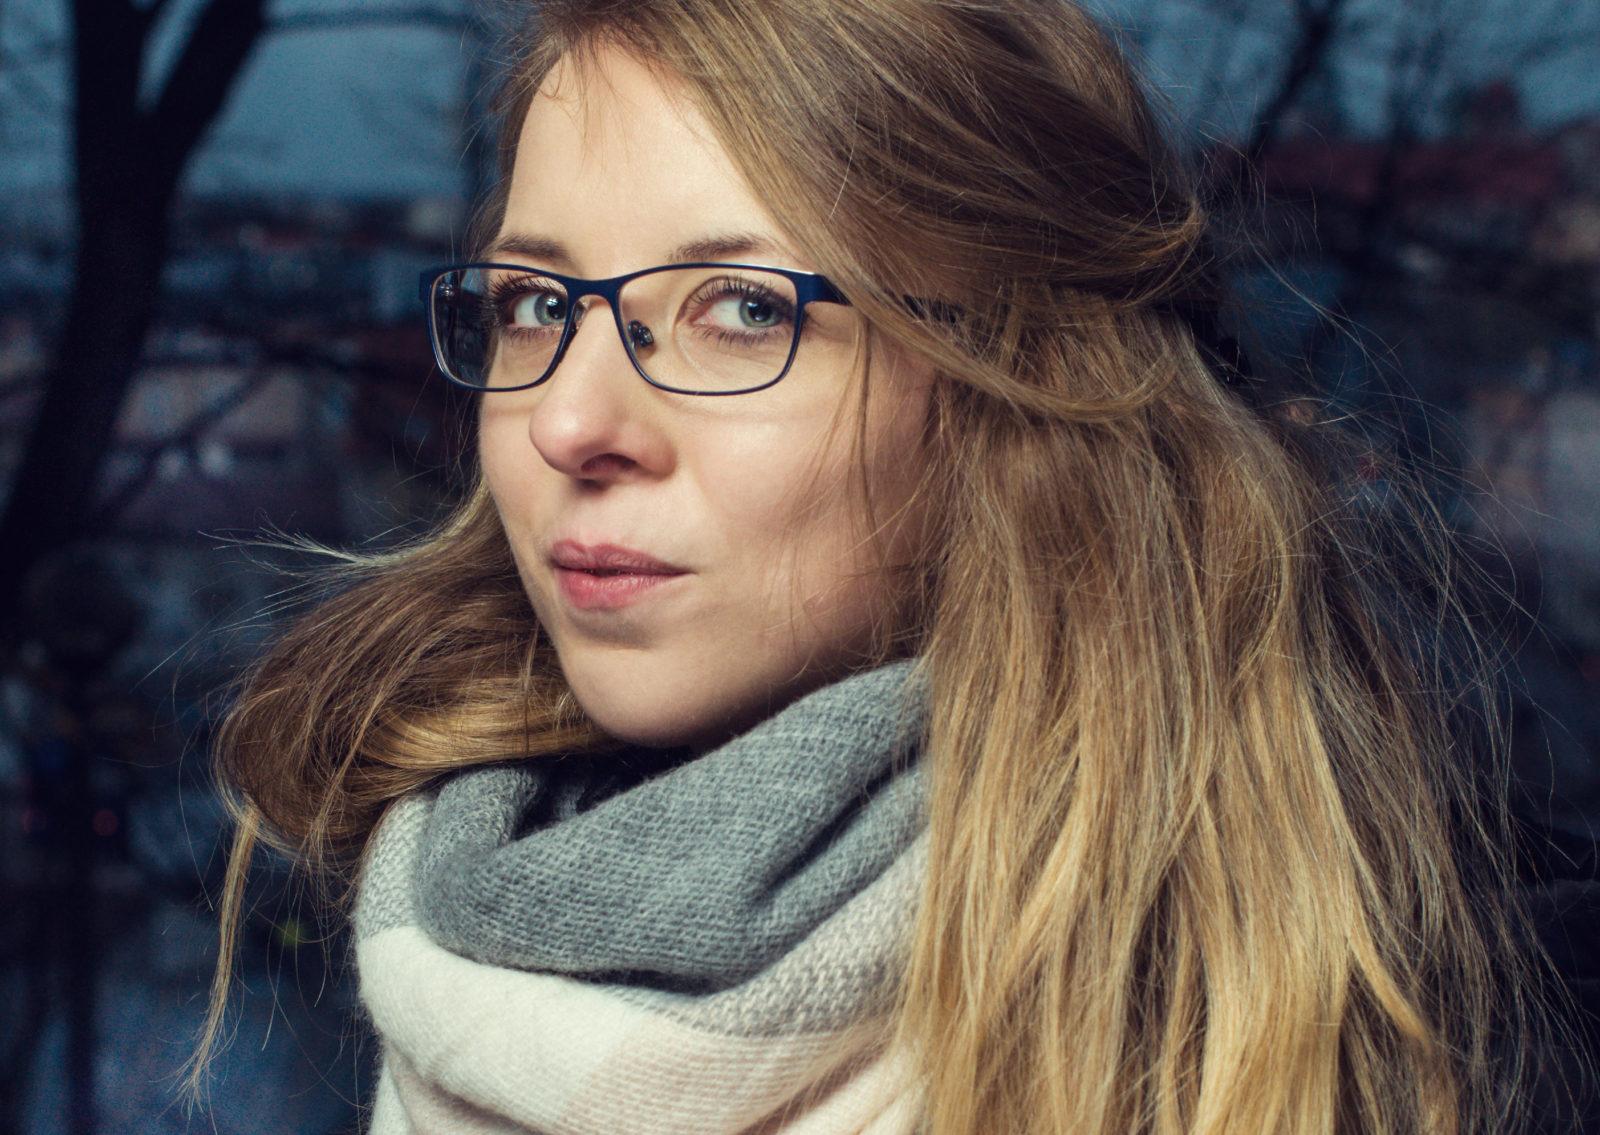 listopadowe portrety - fotografia z serii #1000portretów, Kraków